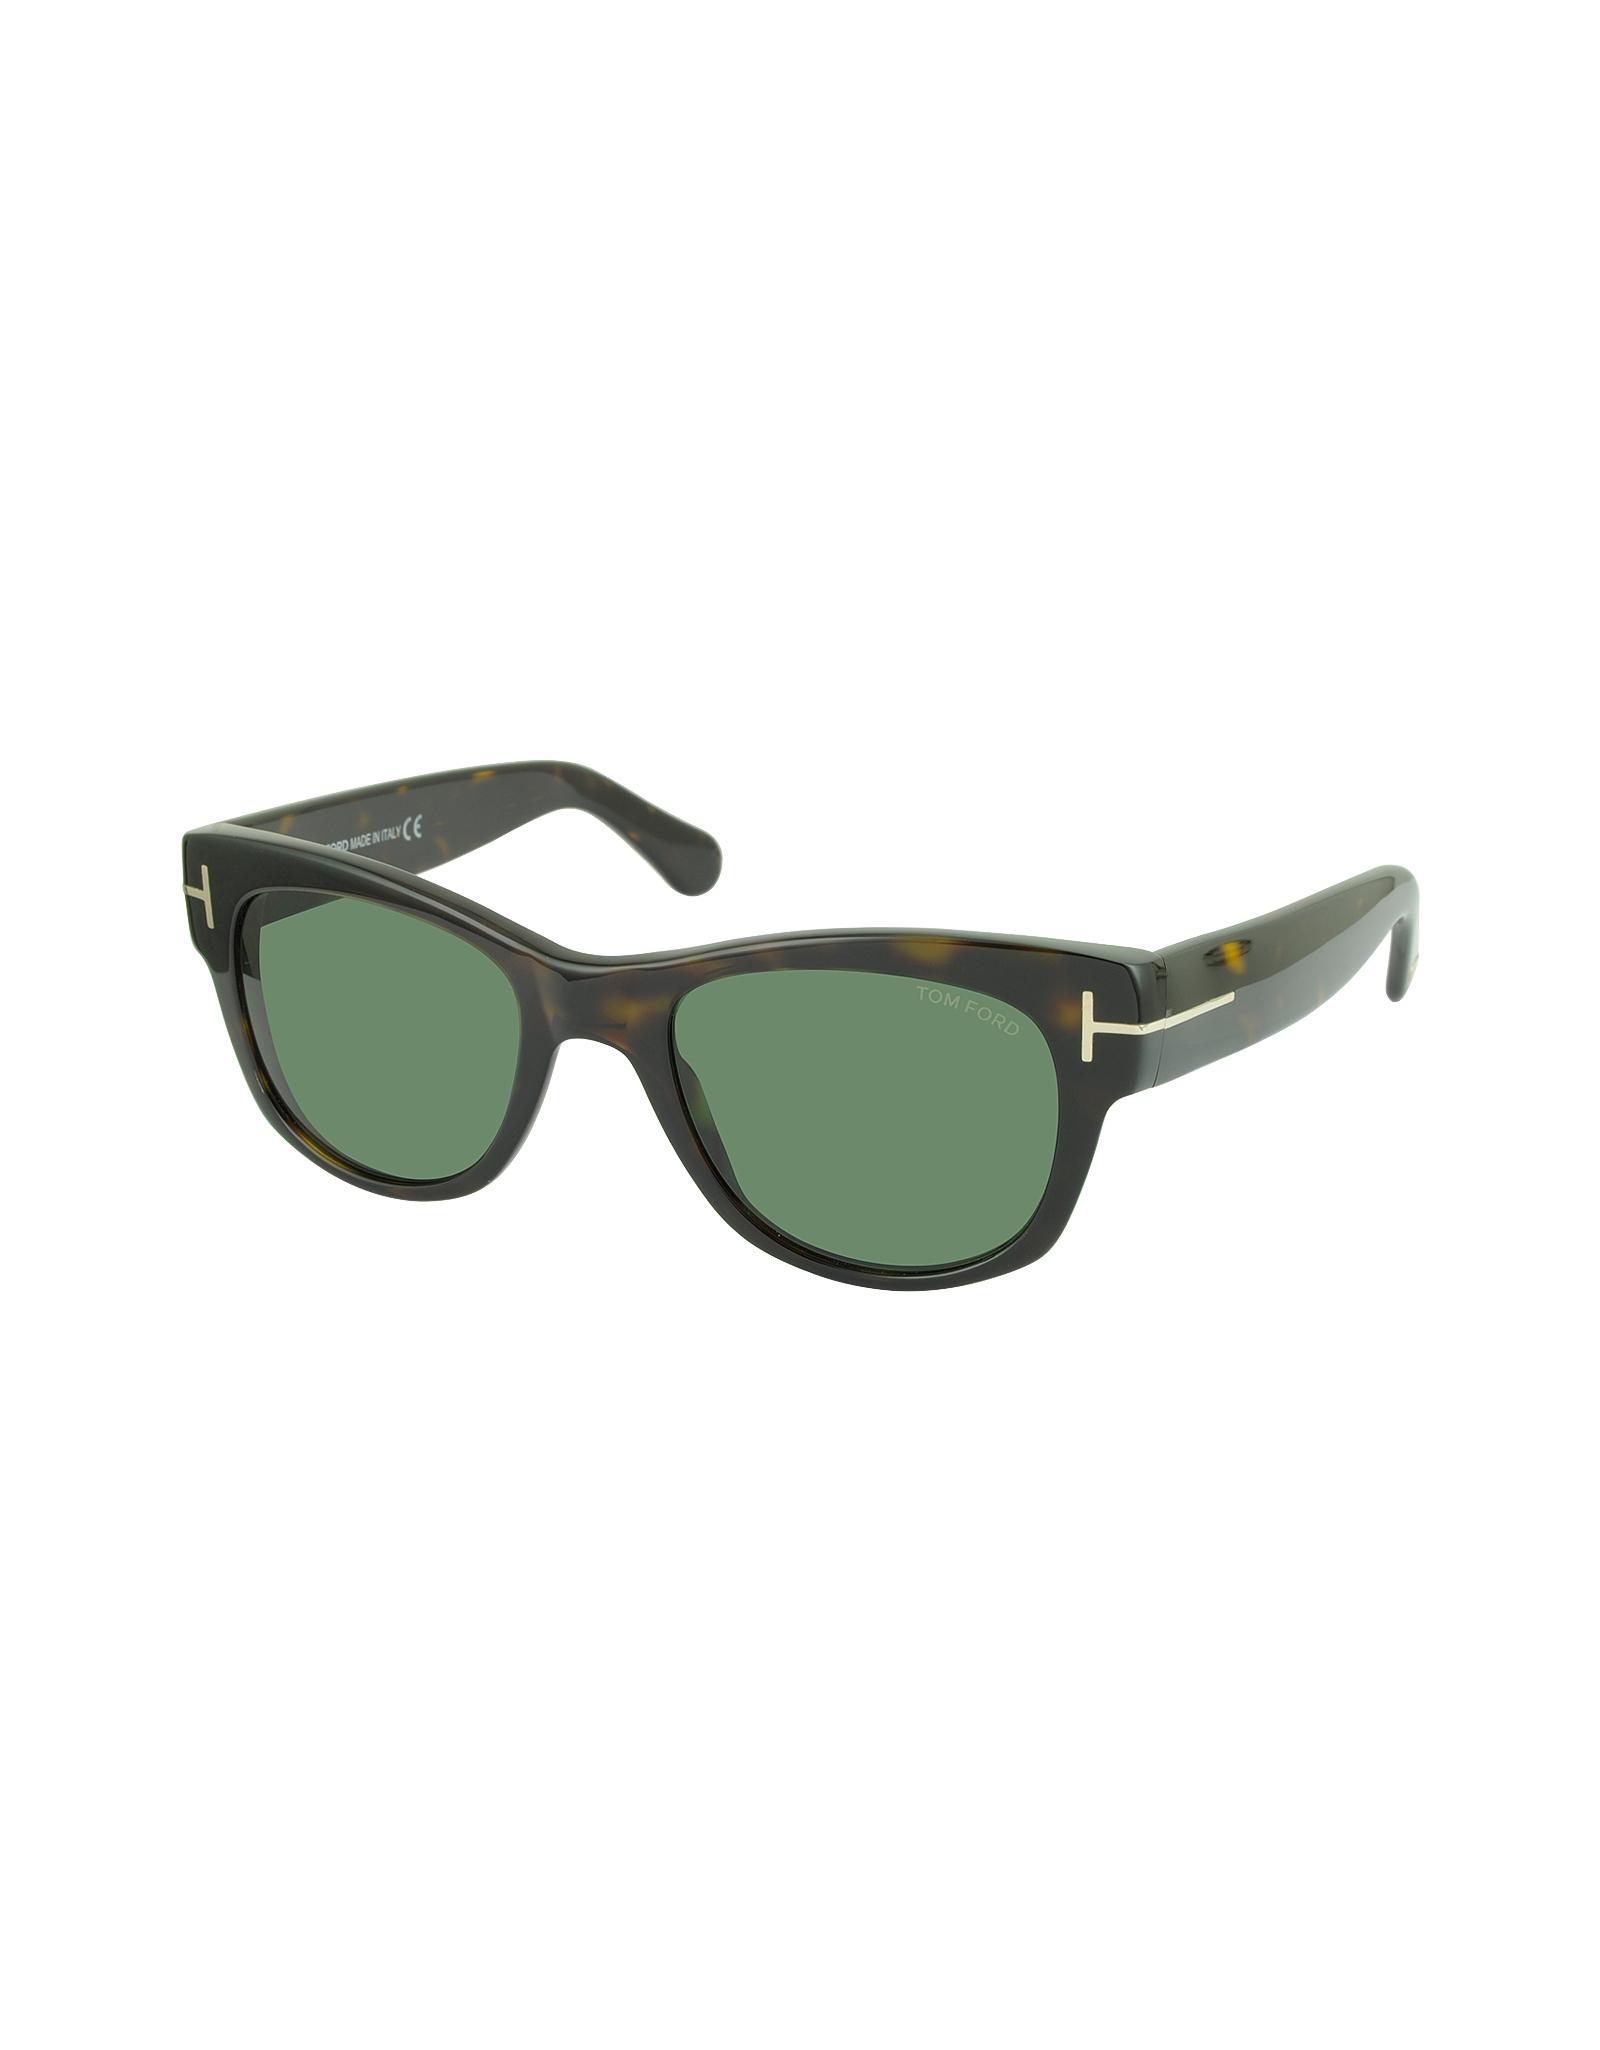 bcae8e072b5 Tom Ford Cary Ft0058 52n Havana Acetate Sunglasses in Green for Men ...